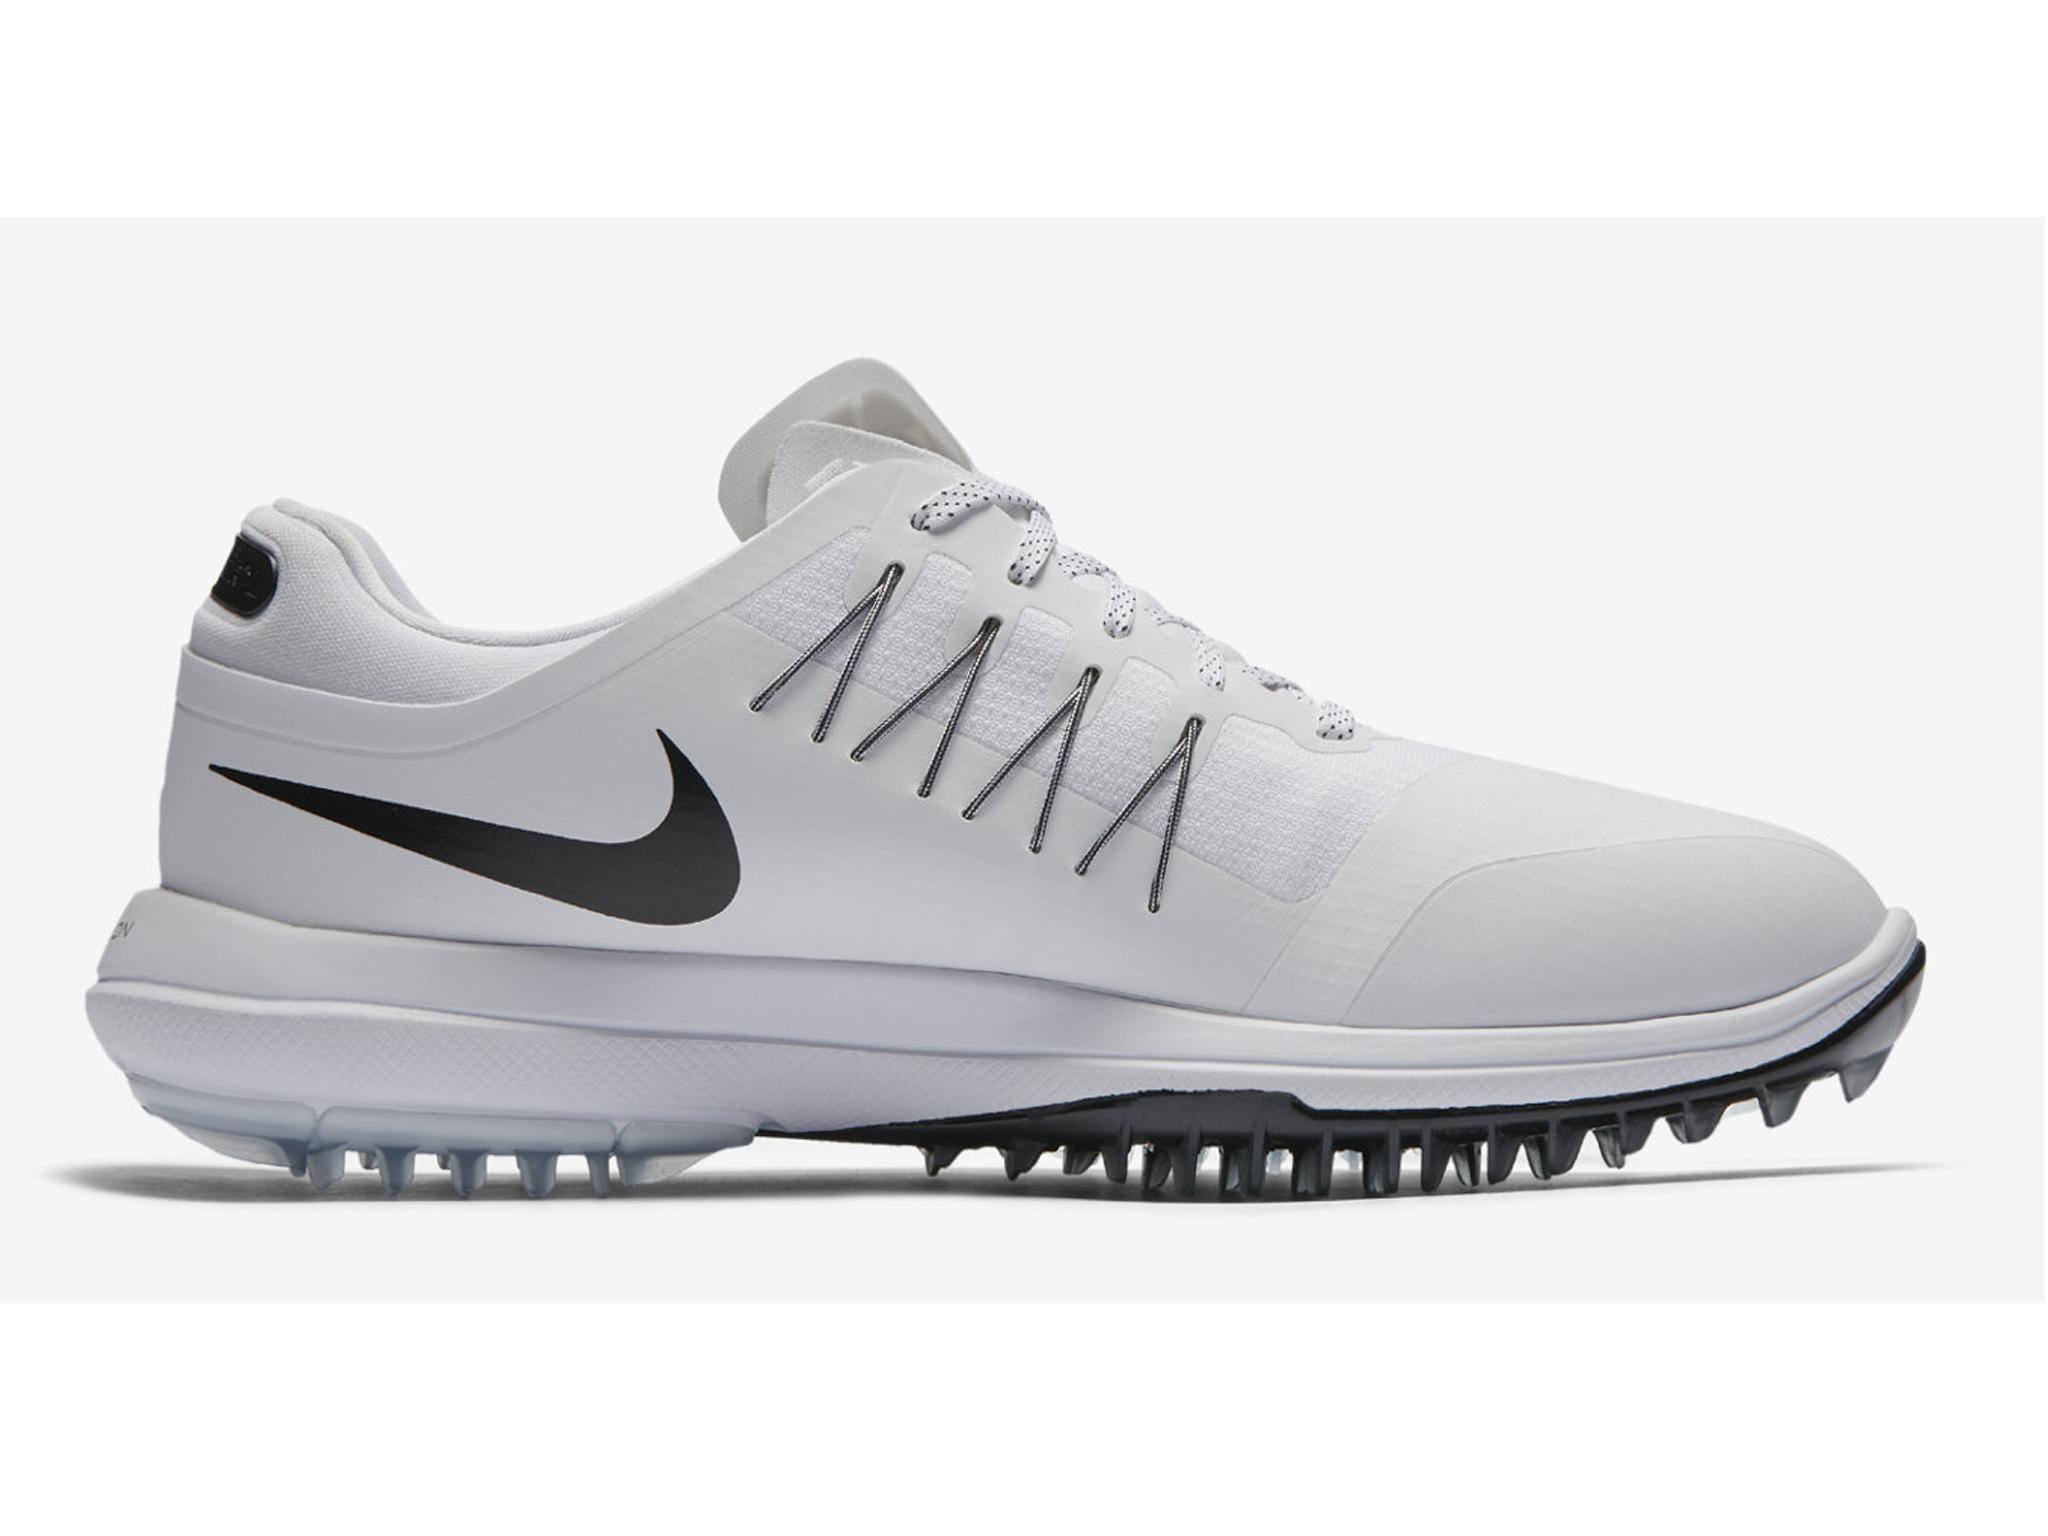 Nike Golf Lunar Control Vapor Shoes  £120 9afc422a6cd